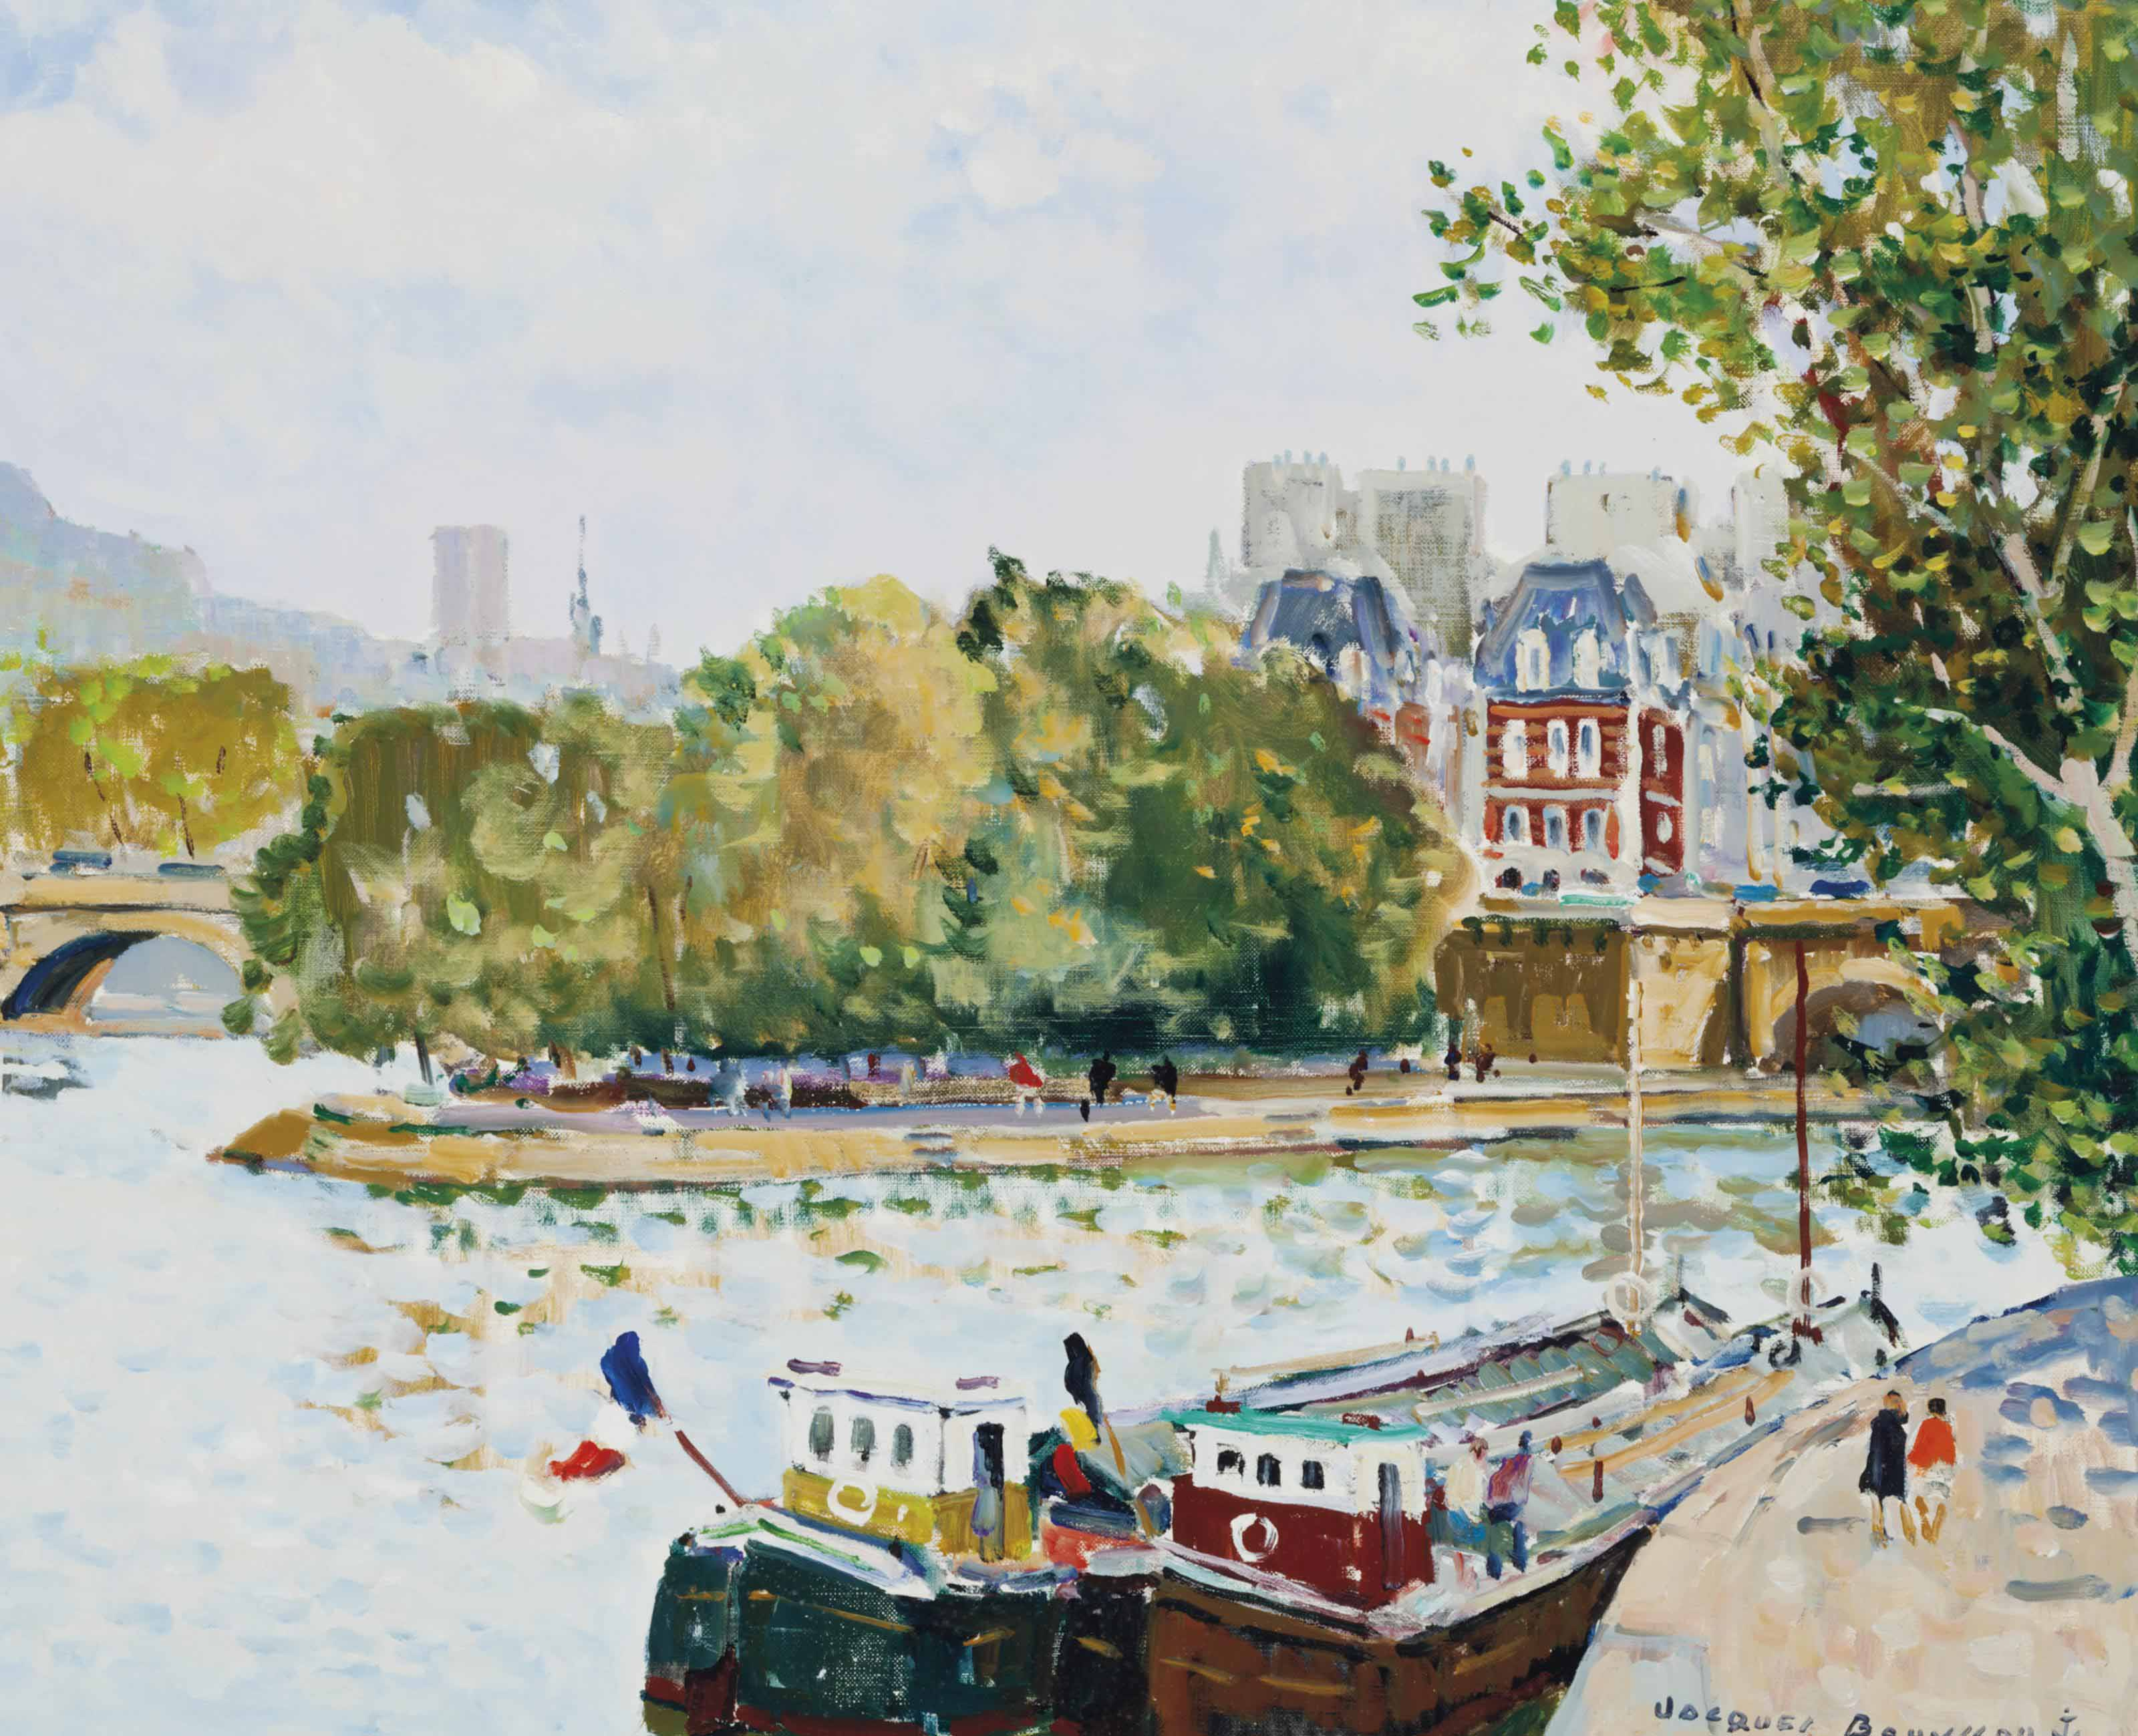 Jacques Bouyssou (French, 1926